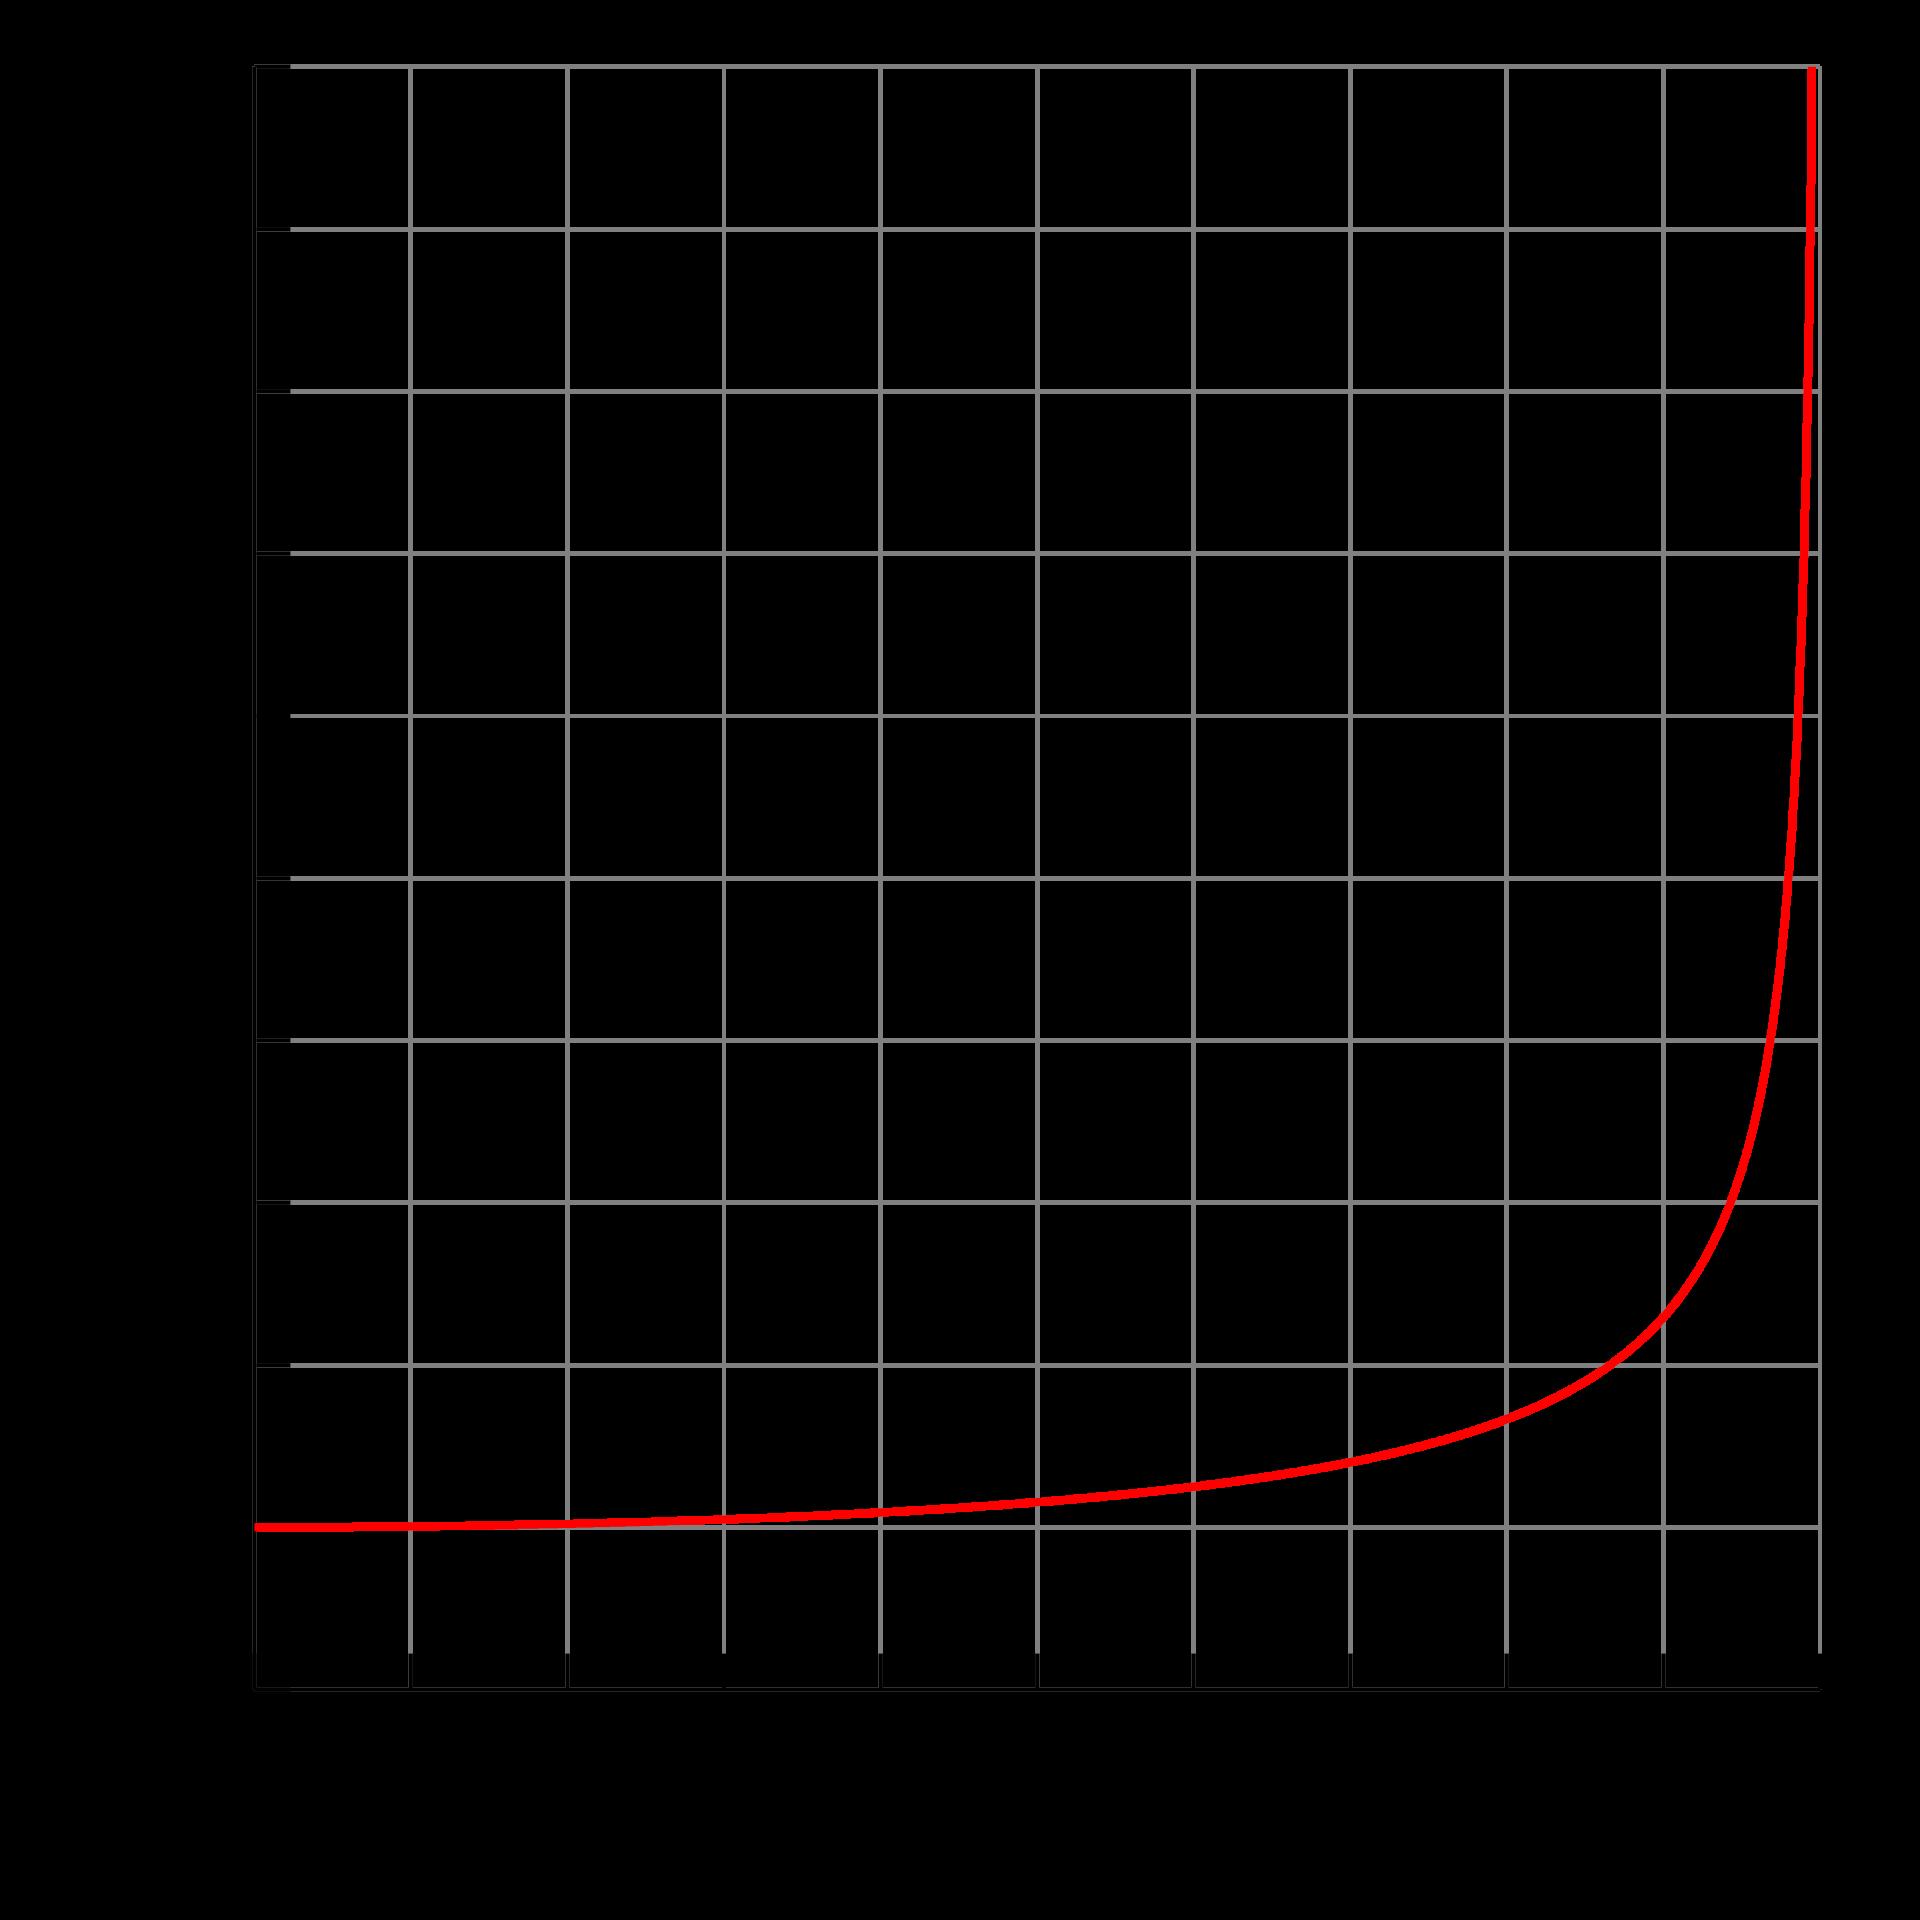 График замедления времени при приближении к скорости света